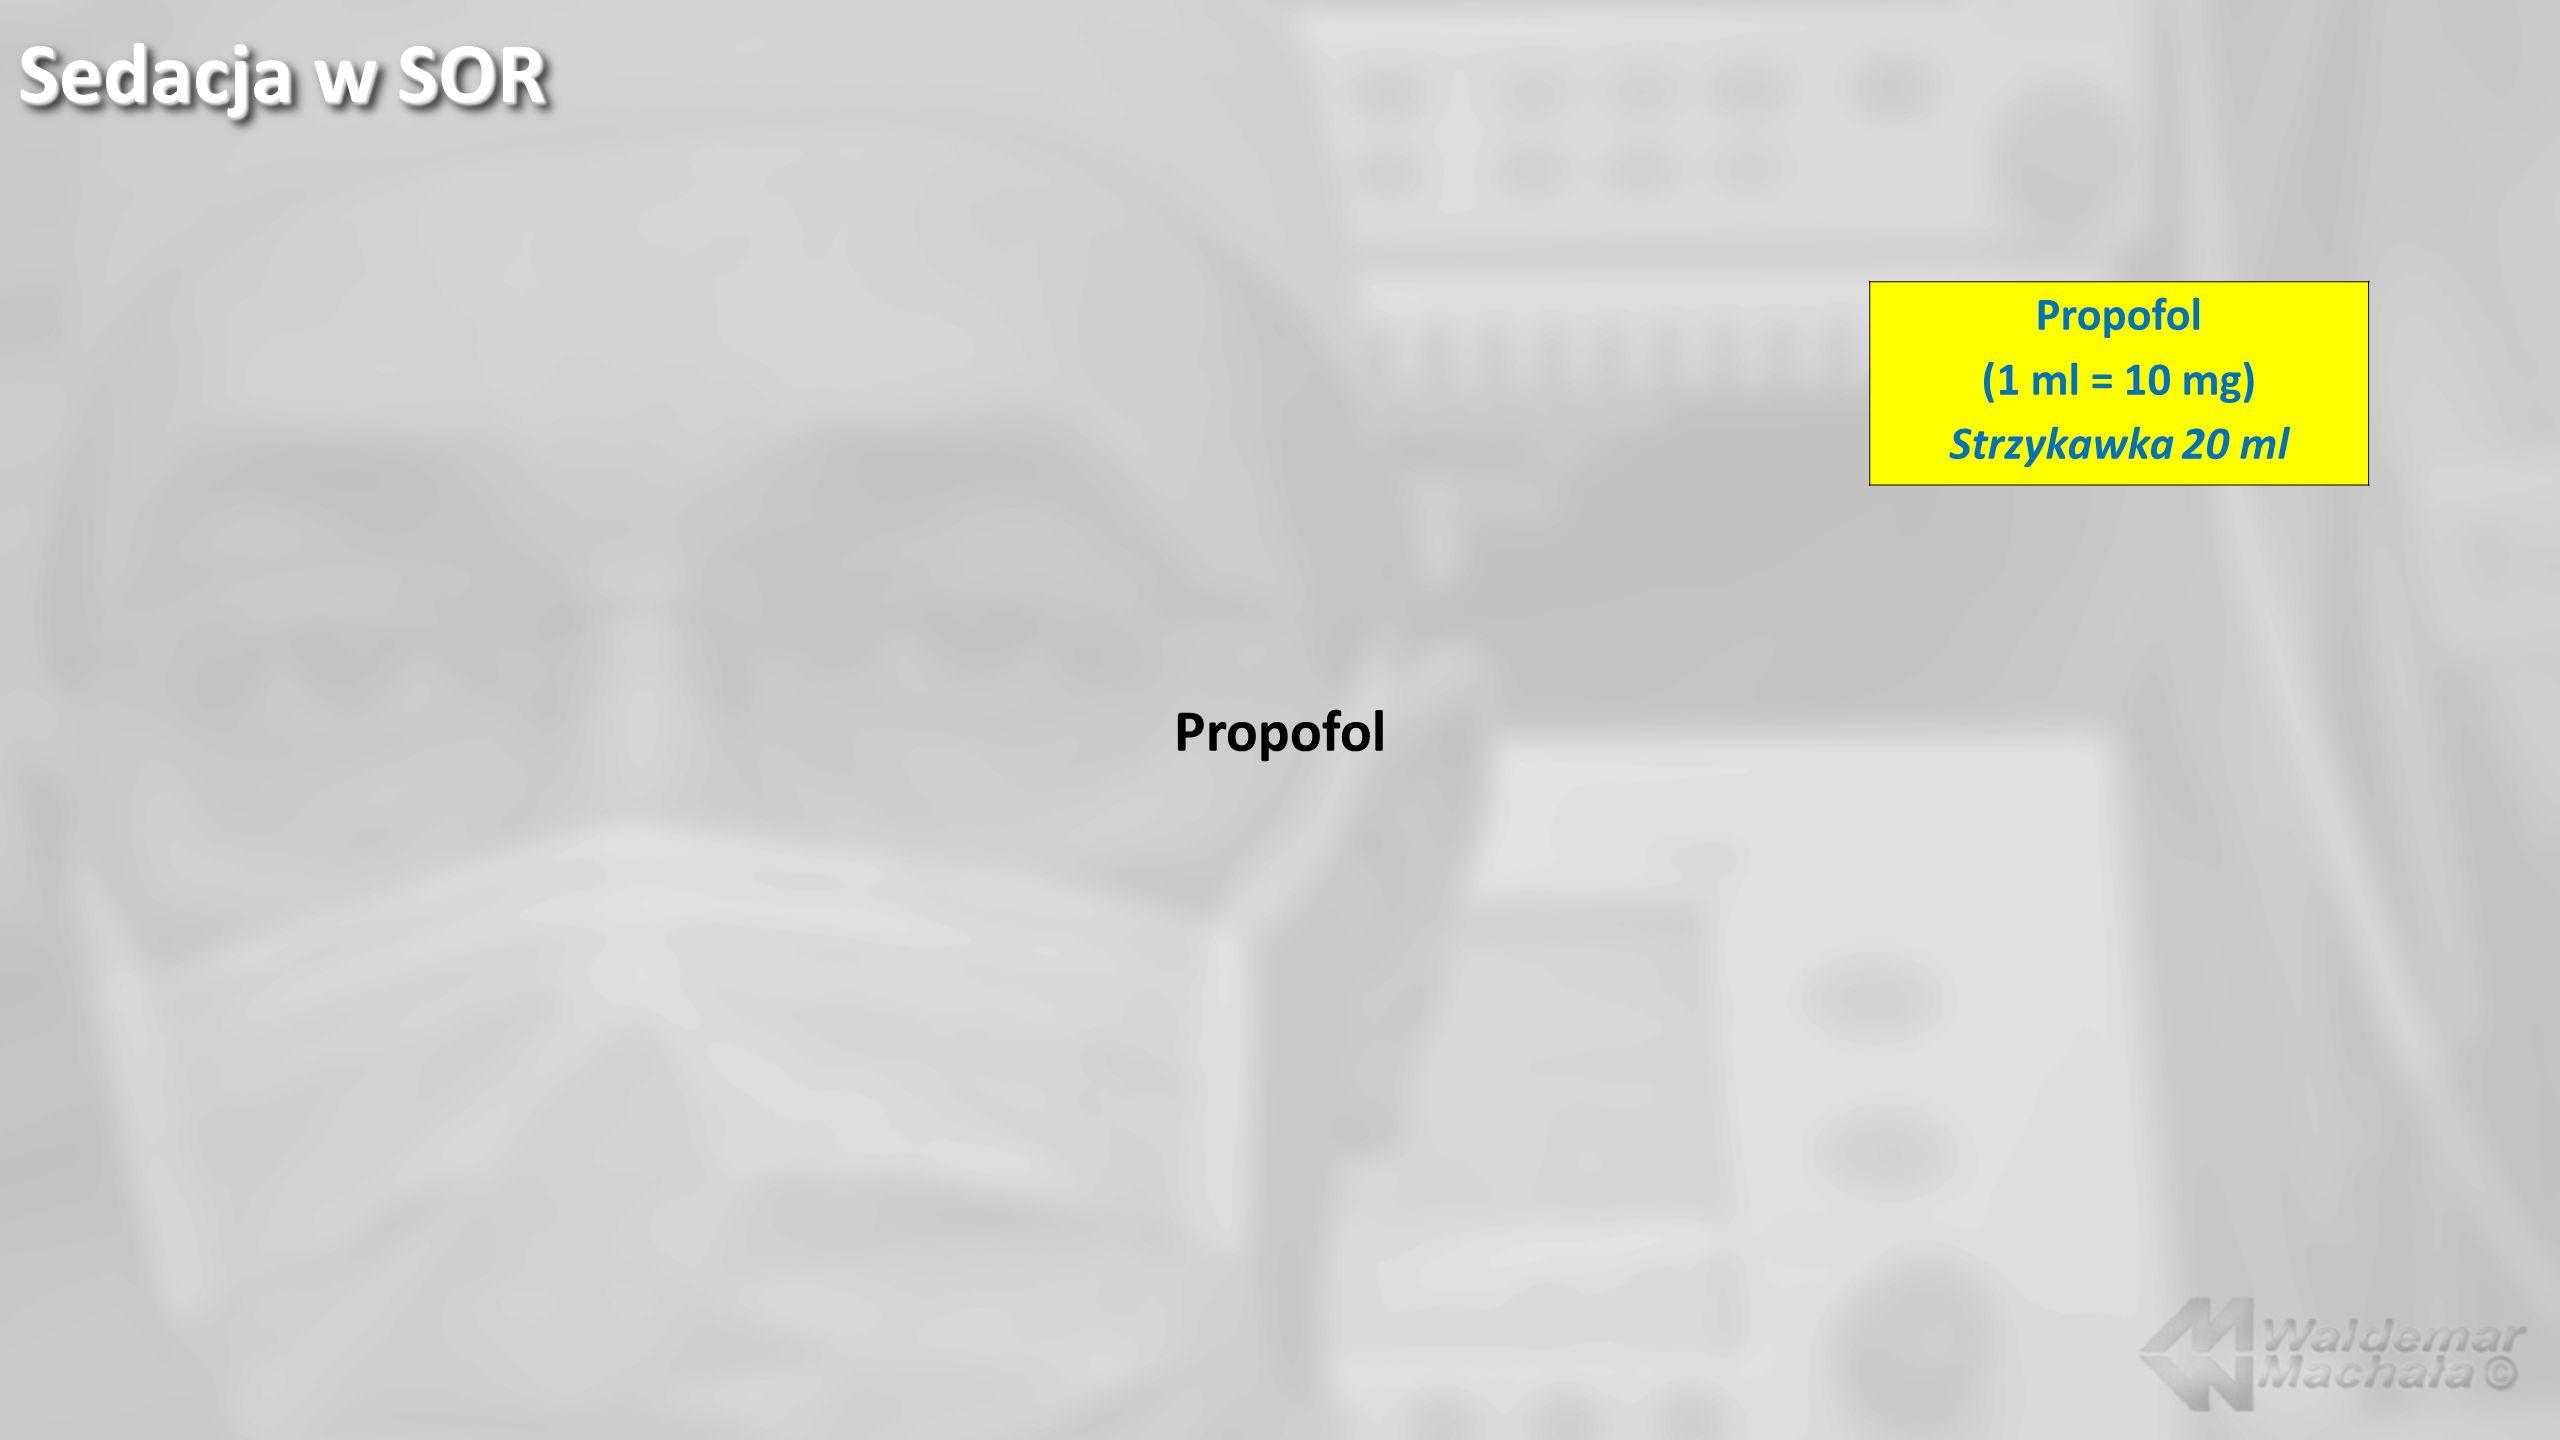 Propofol Sedacja w SOR Propofol (1 ml = 10 mg) Strzykawka 20 ml